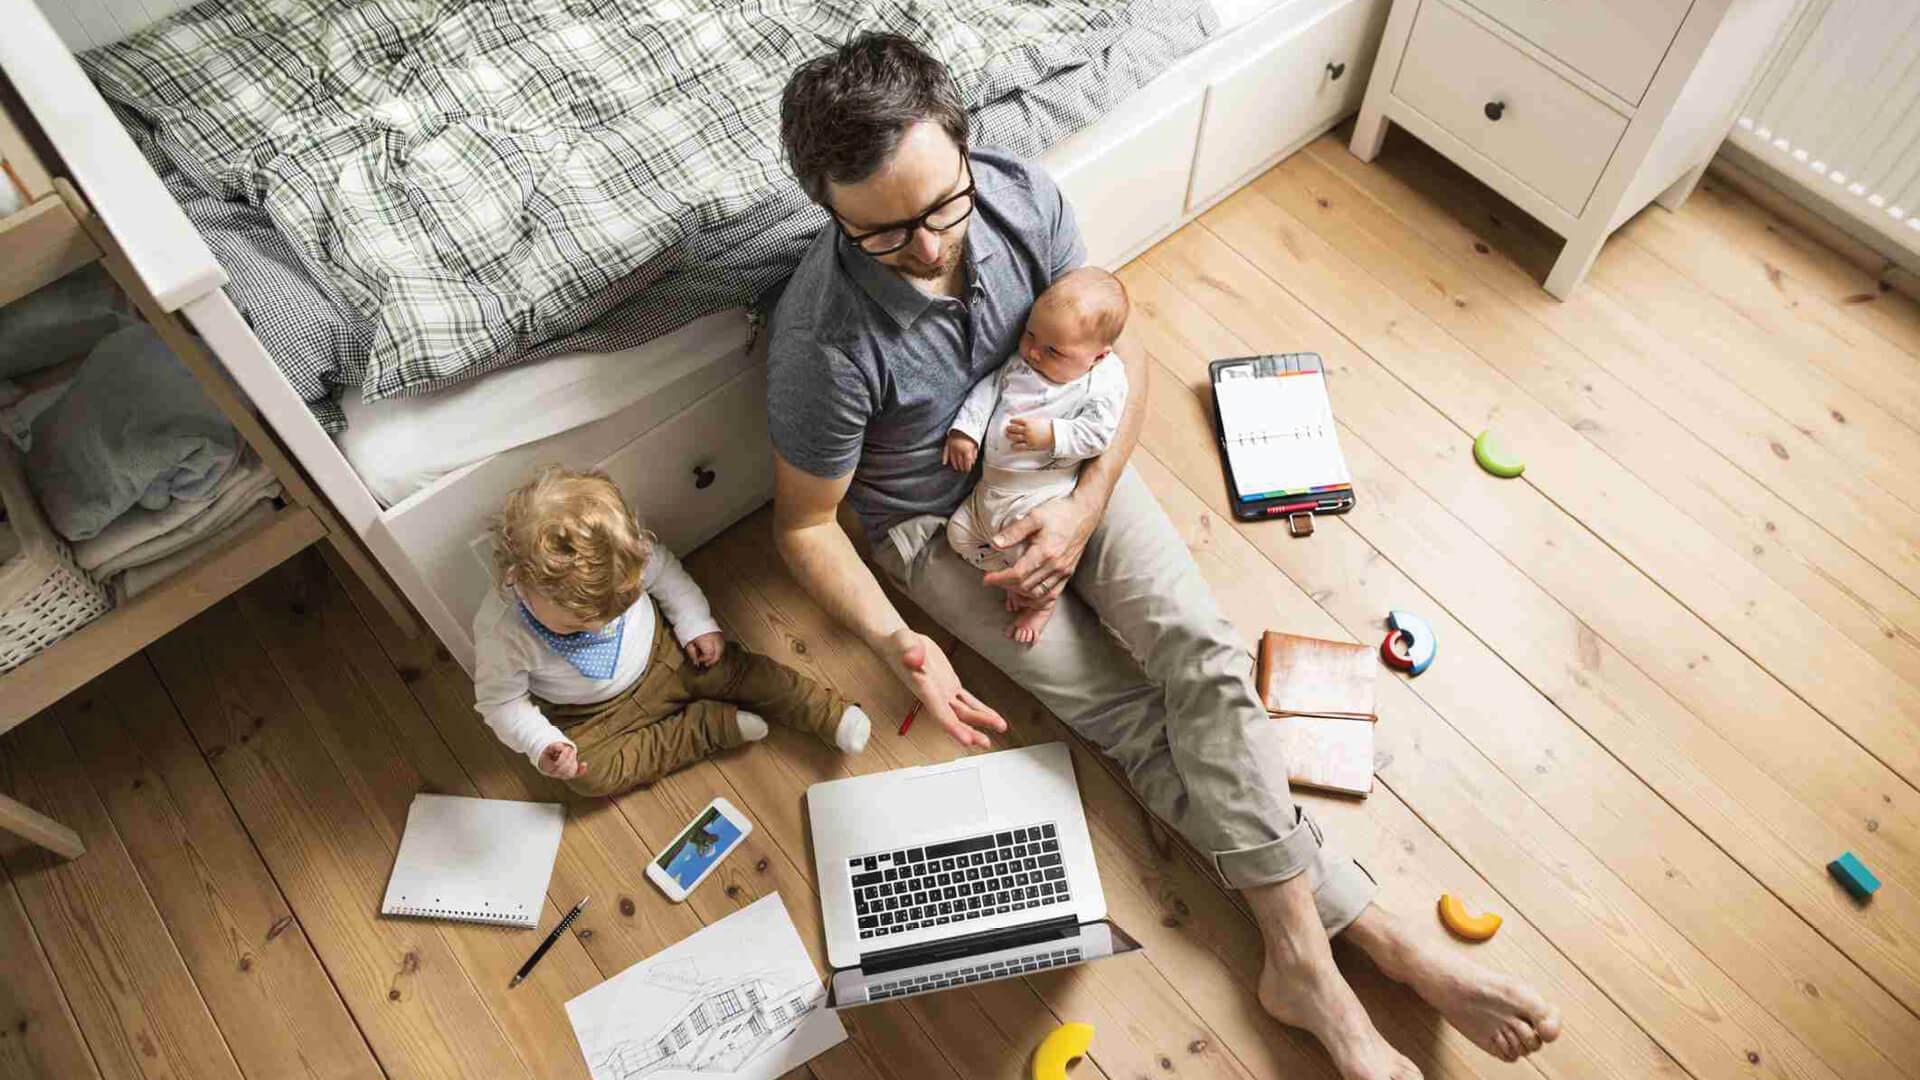 Digital Legacies: Remote Work